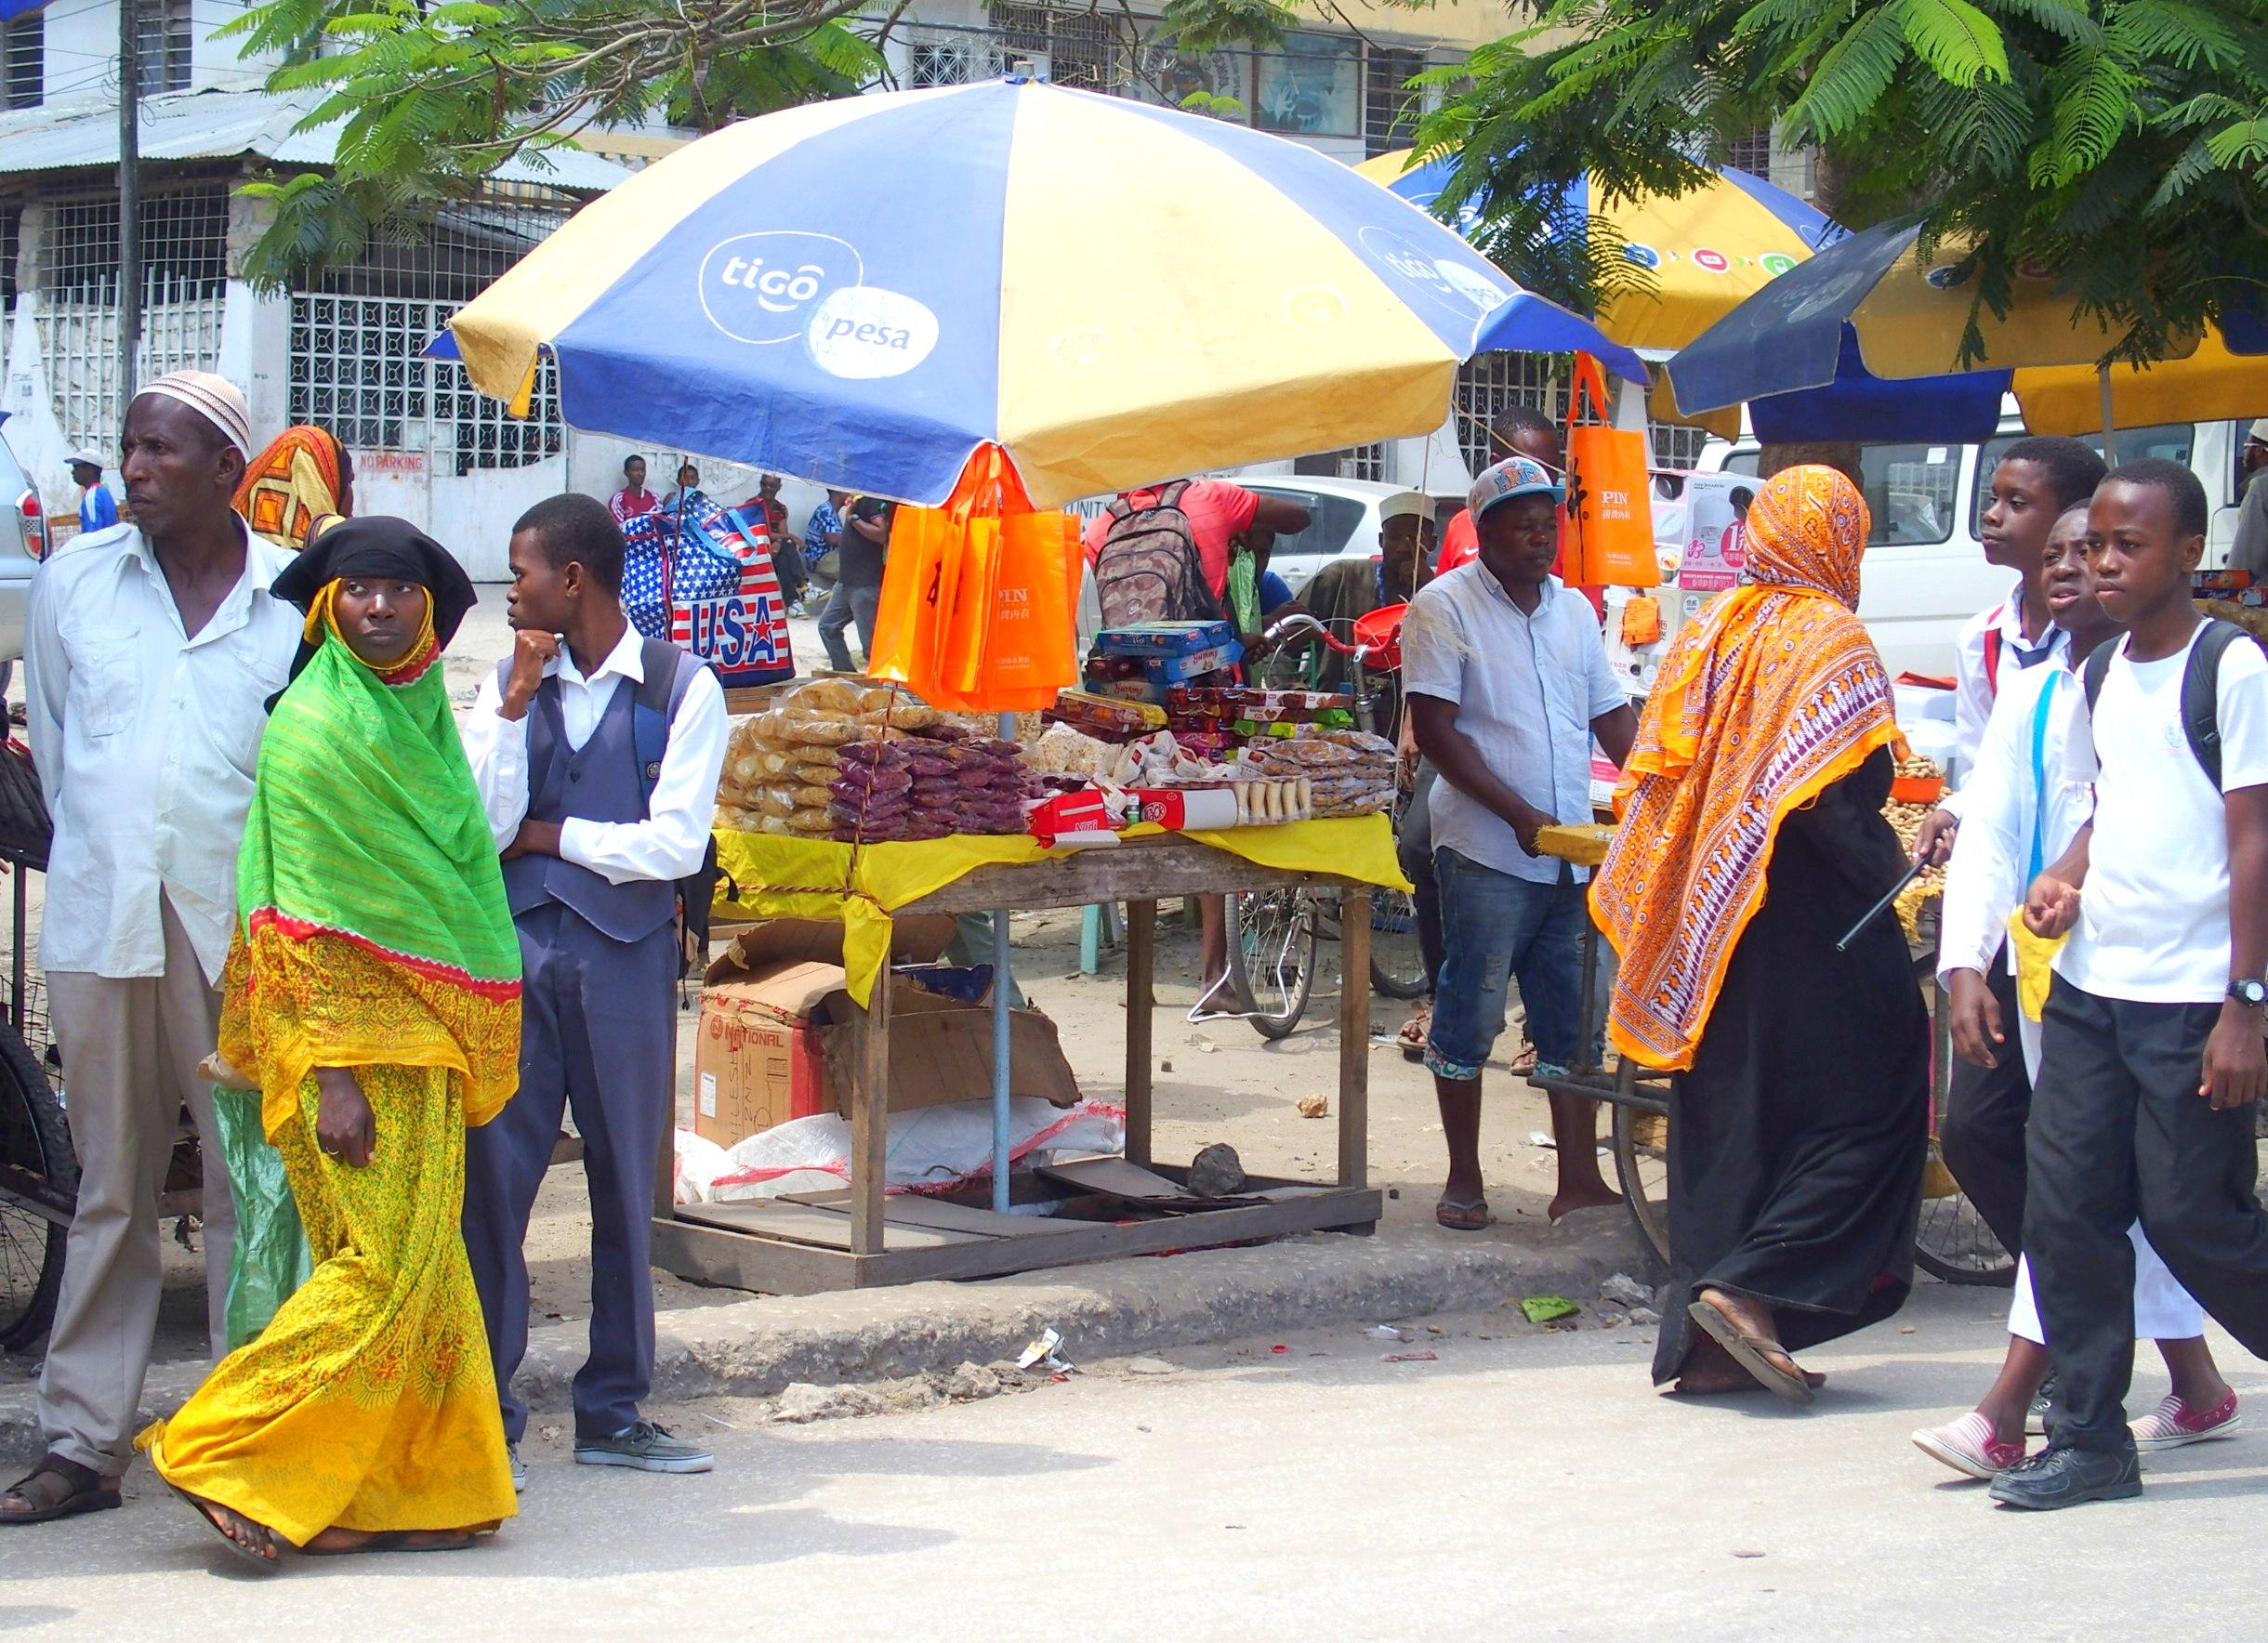 Tenues colorées des femmes au marché Stone Town Zanzibar